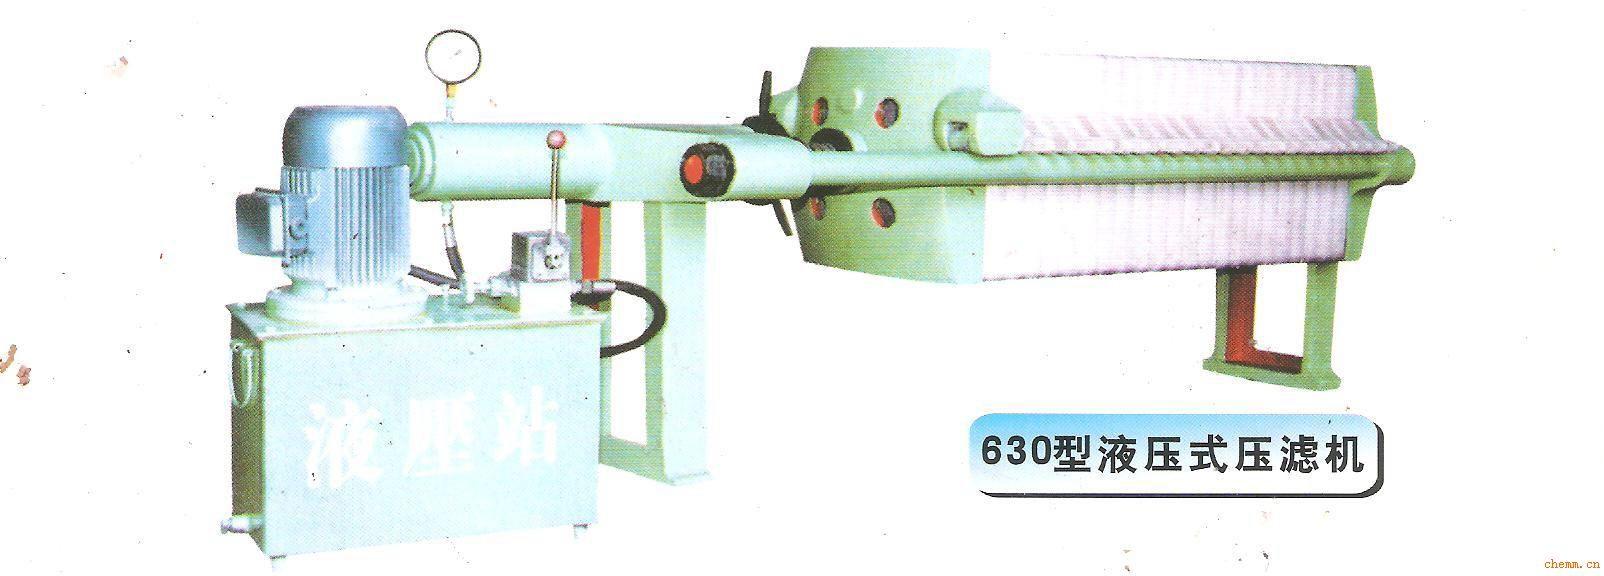 液压压紧式压滤机 产品编号:630-001 产品商标:双发 产品规格:板框图片